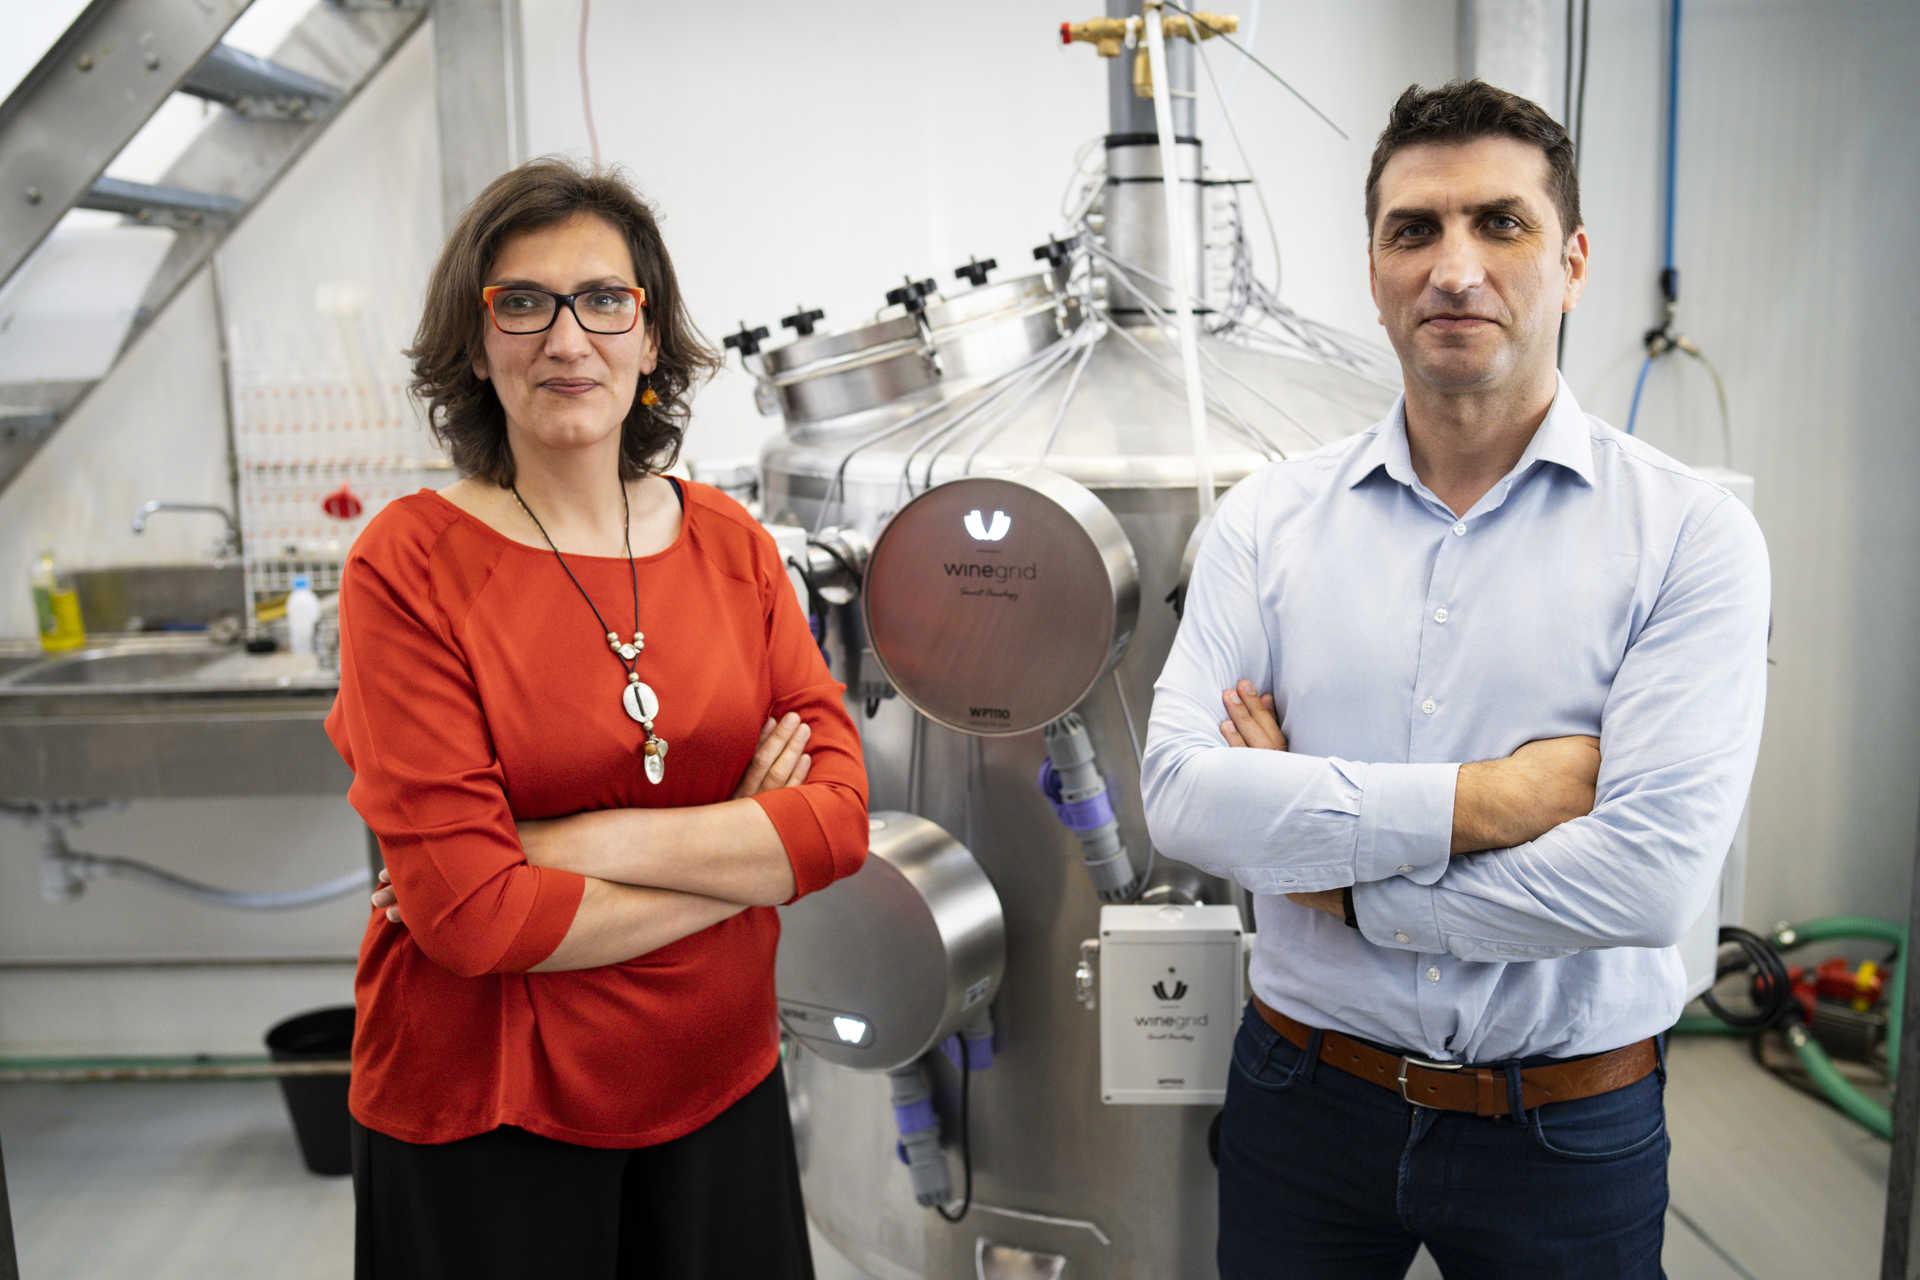 Lcia Bilro e Rogério Nogueira con sensori che controllano il vino